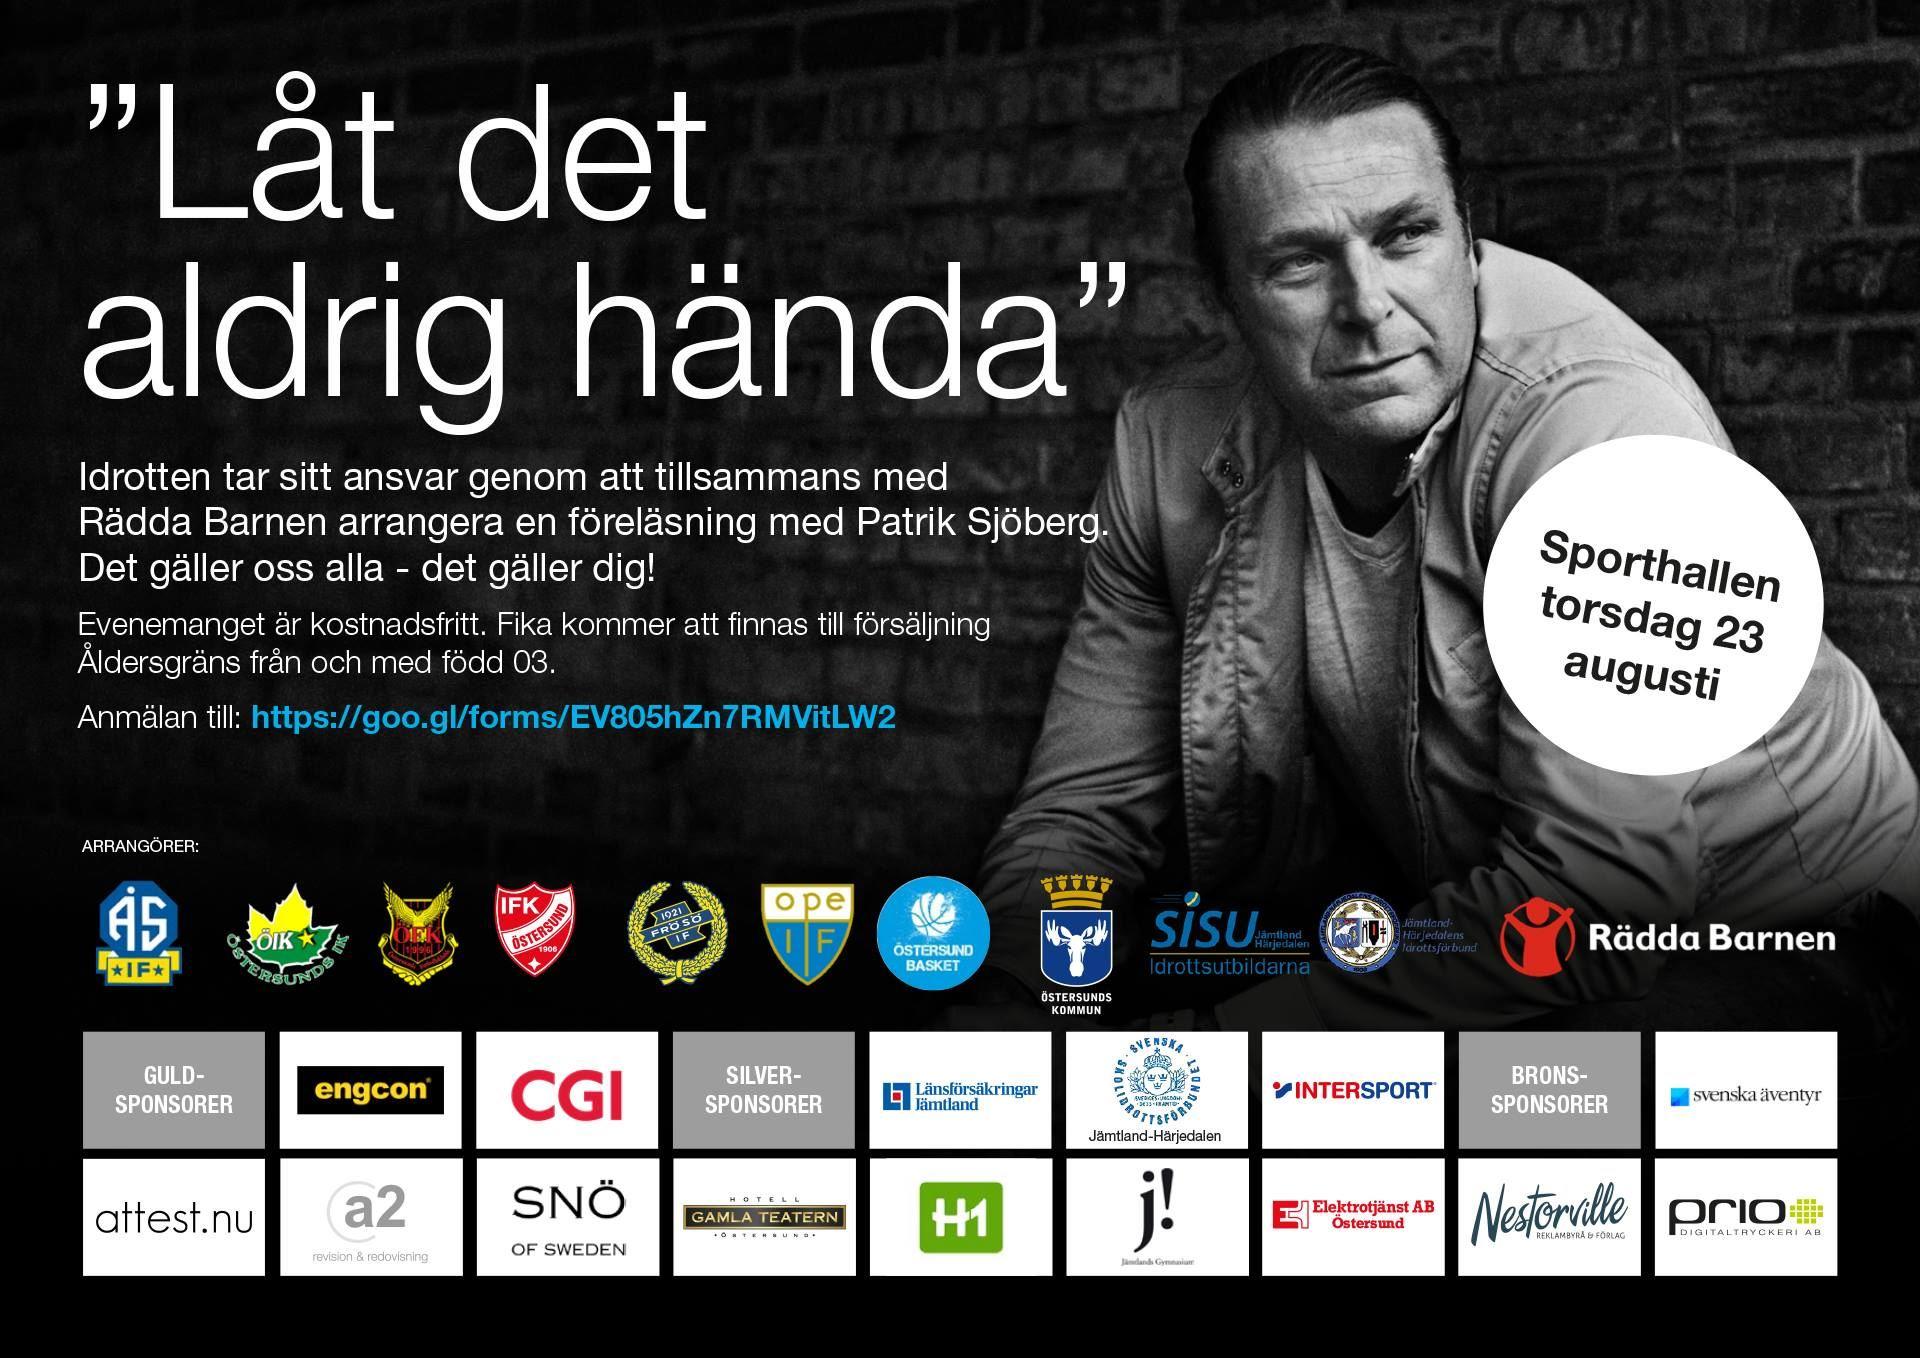 Kostnadsfri föreläsning: Låt det aldrig hända - Patrik Sjöberg